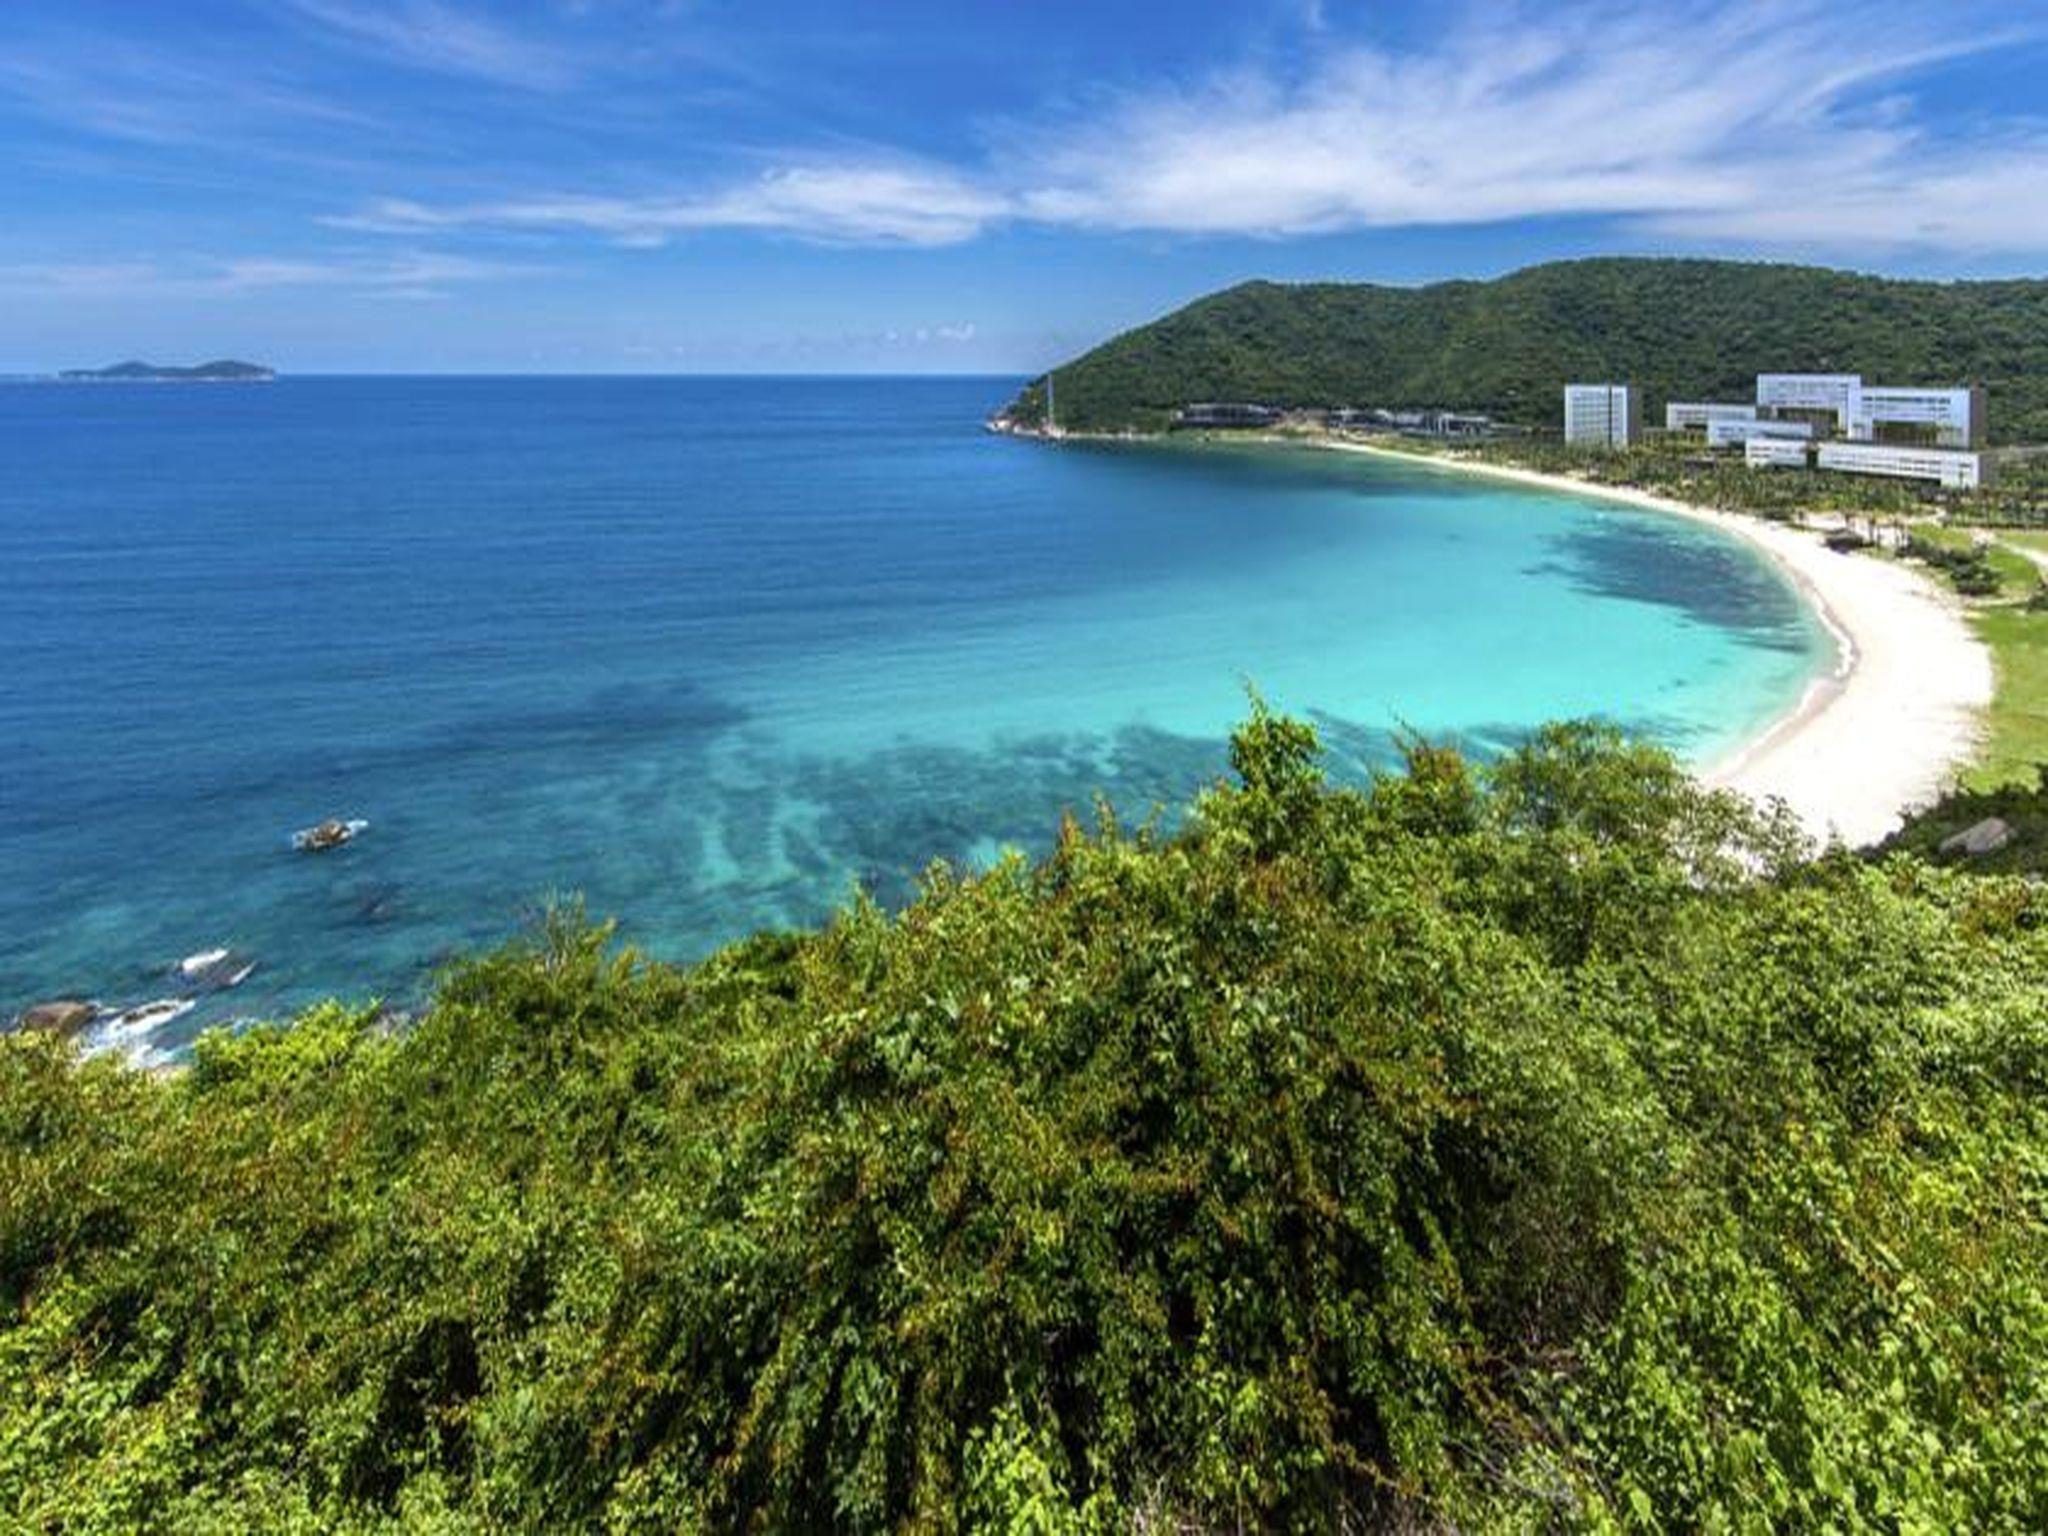 热带天堂森林公园/鹿回头风景区可选) 醉美旅拍, 可选蜈支洲岛一日游